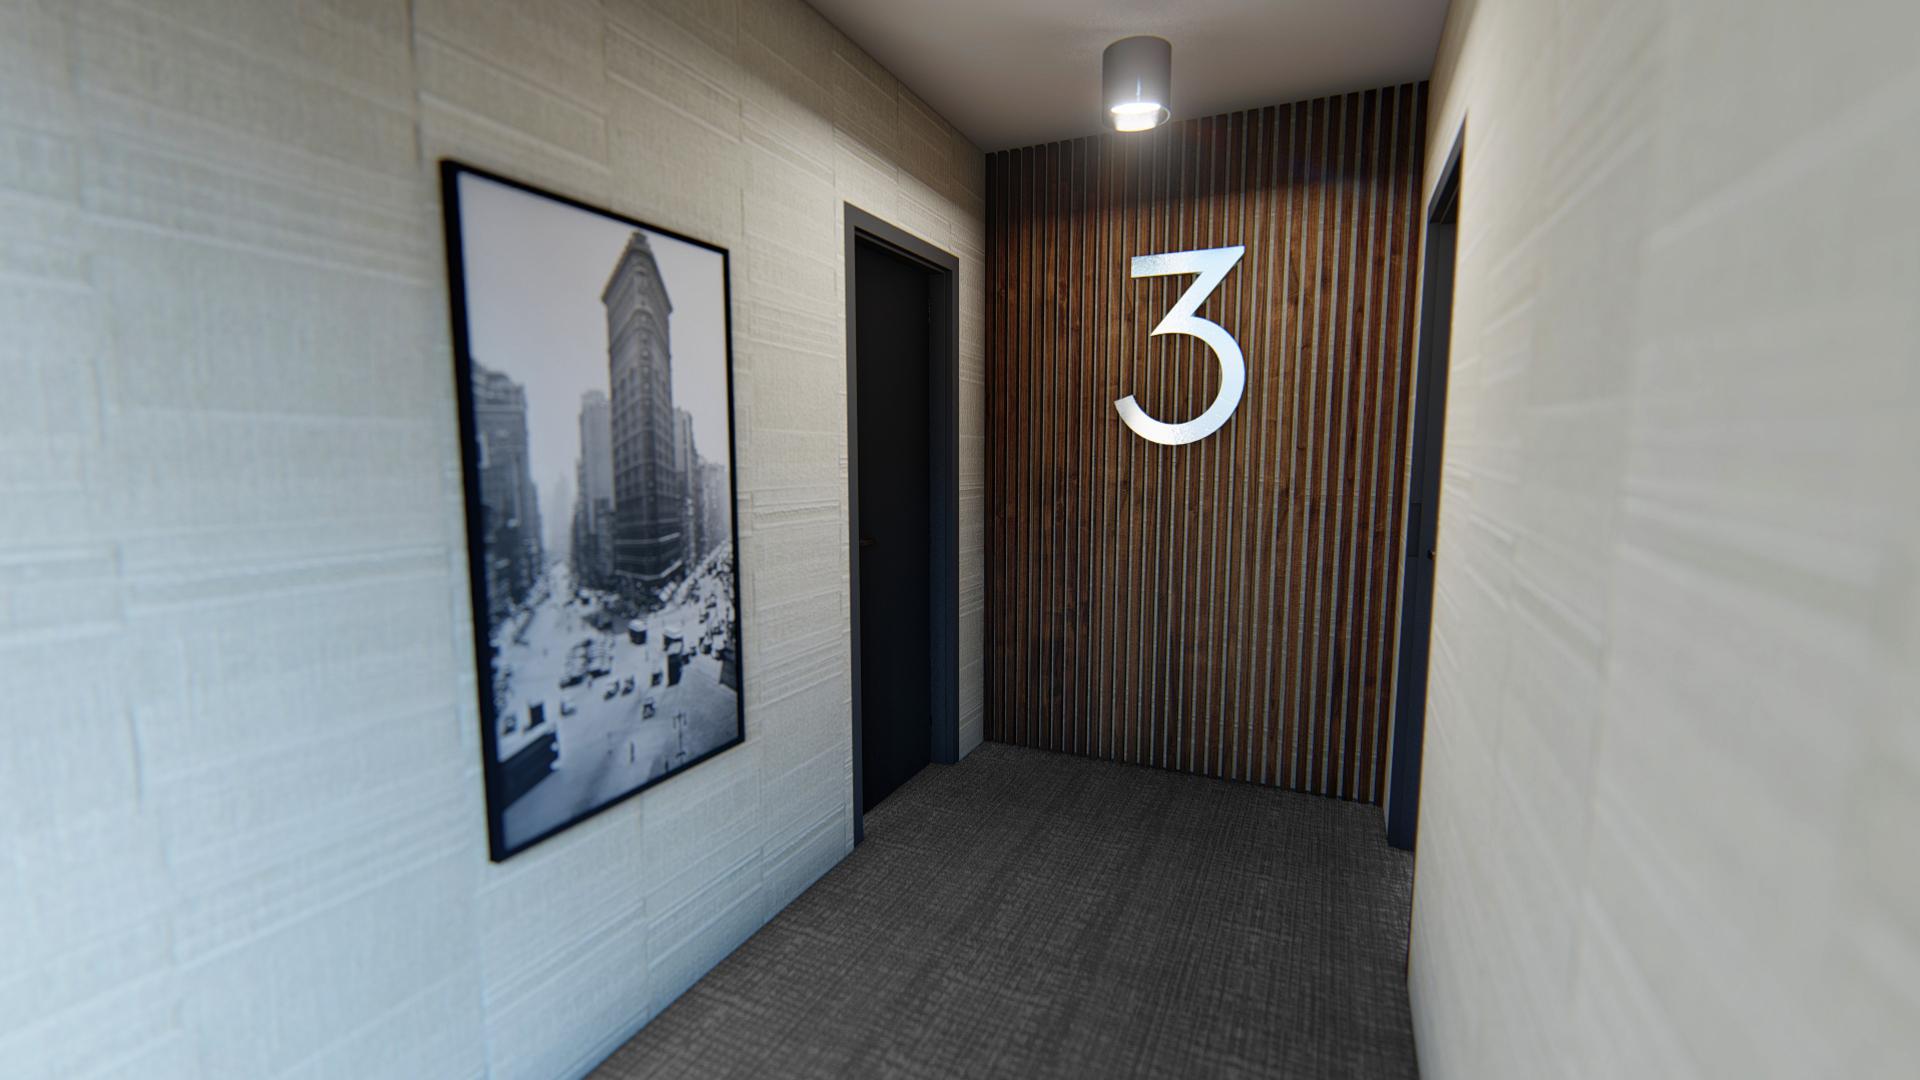 Corridor End _Update.jpg